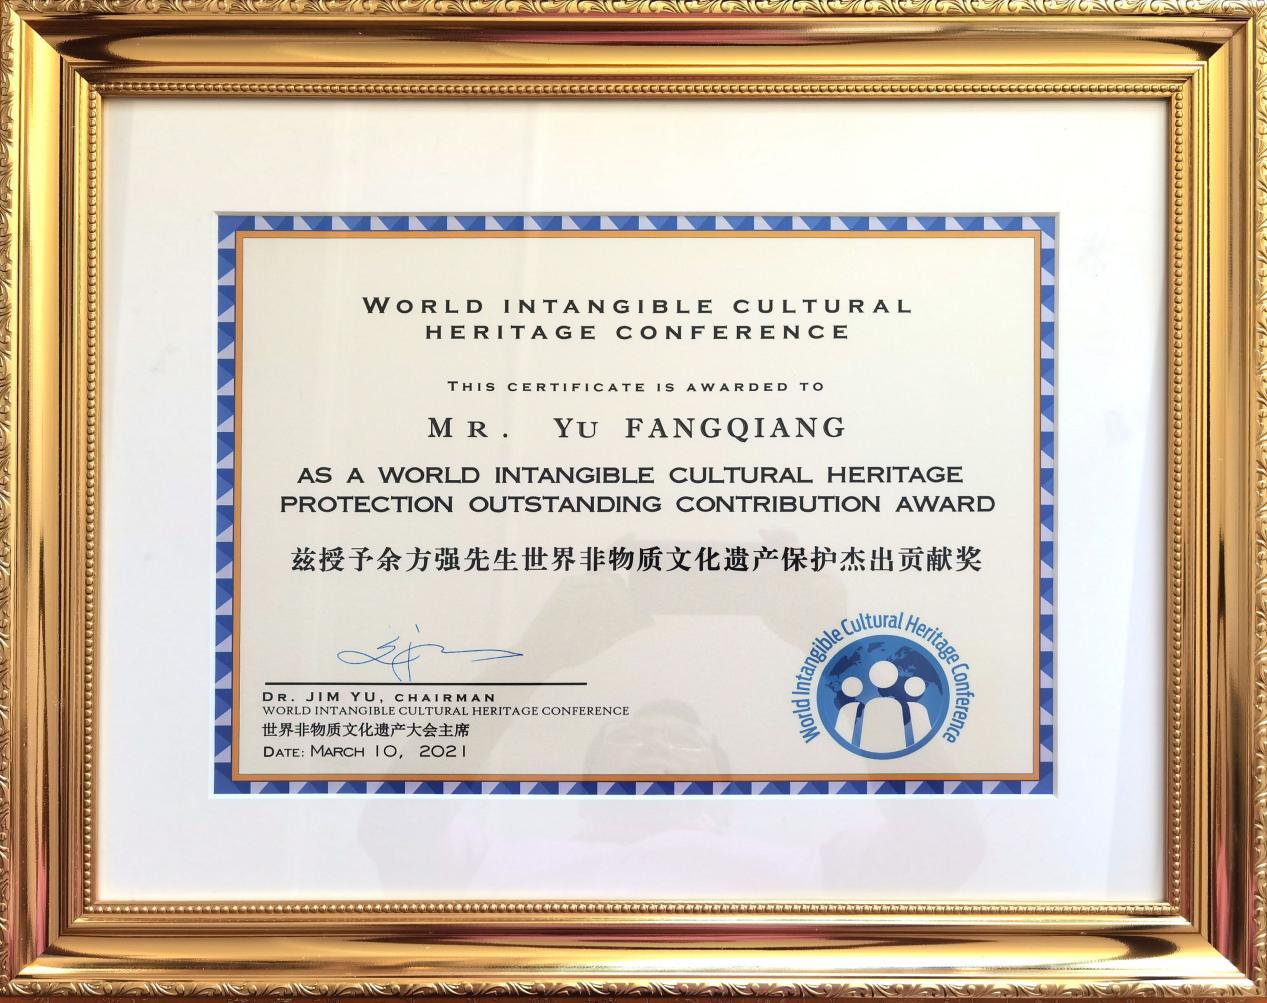 匠心执念|余方强董事长获评世界非物质文化遗产保护杰出贡献奖